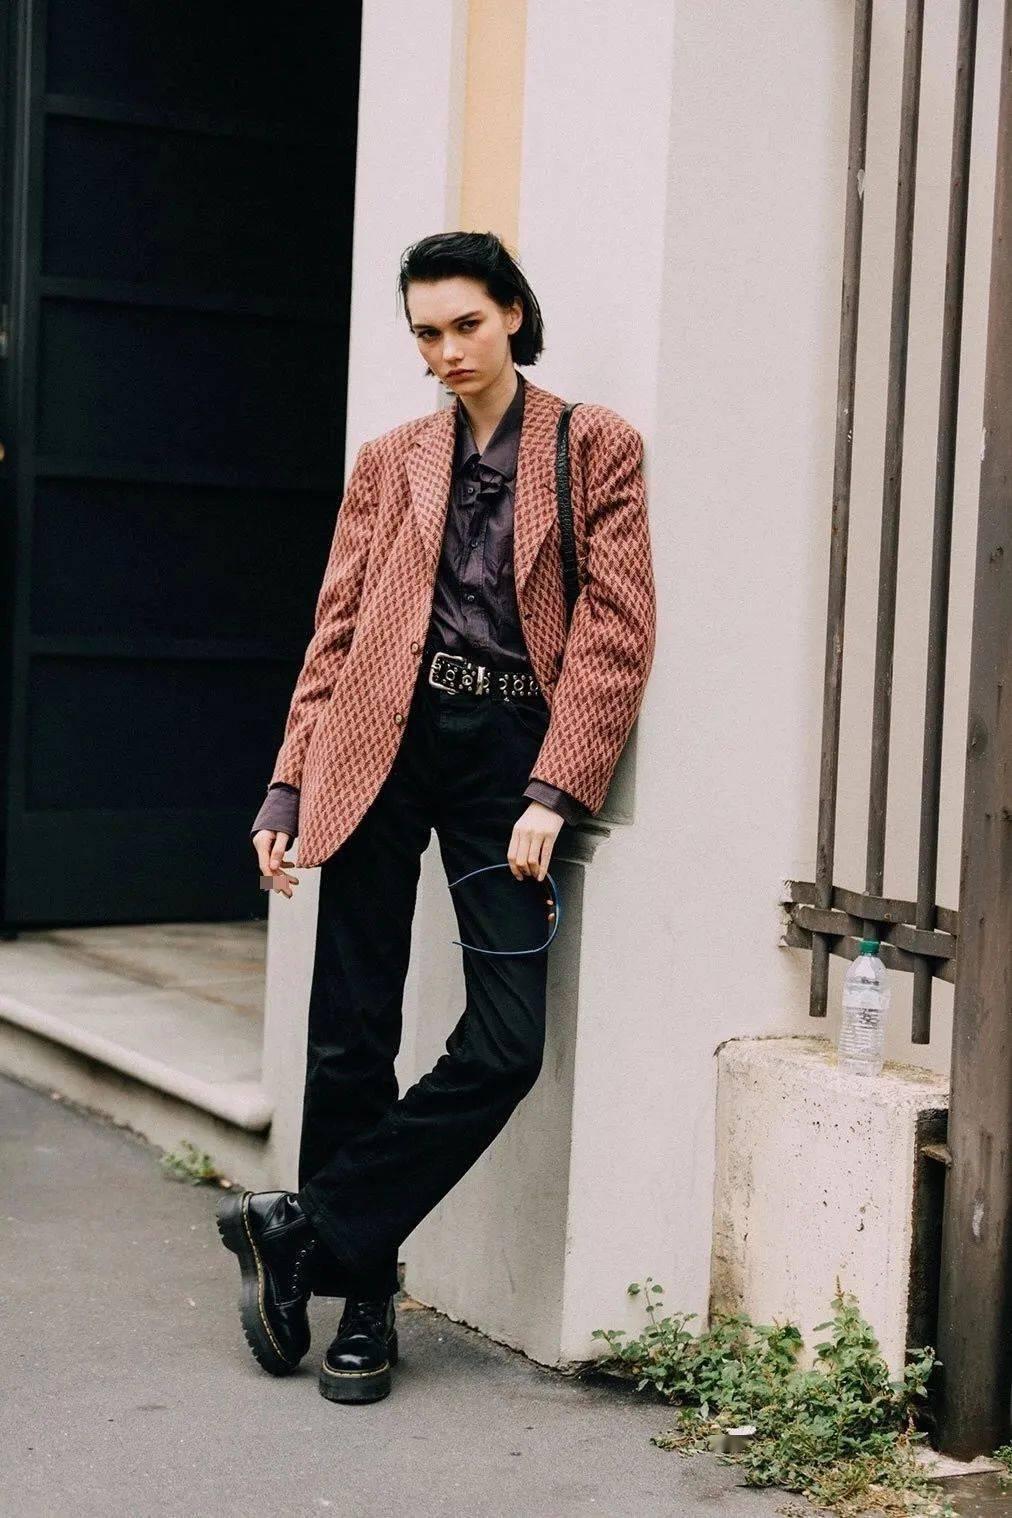 马丁靴+裙子,马丁靴+工装裤……又酷又撩,时髦炸了!     第43张